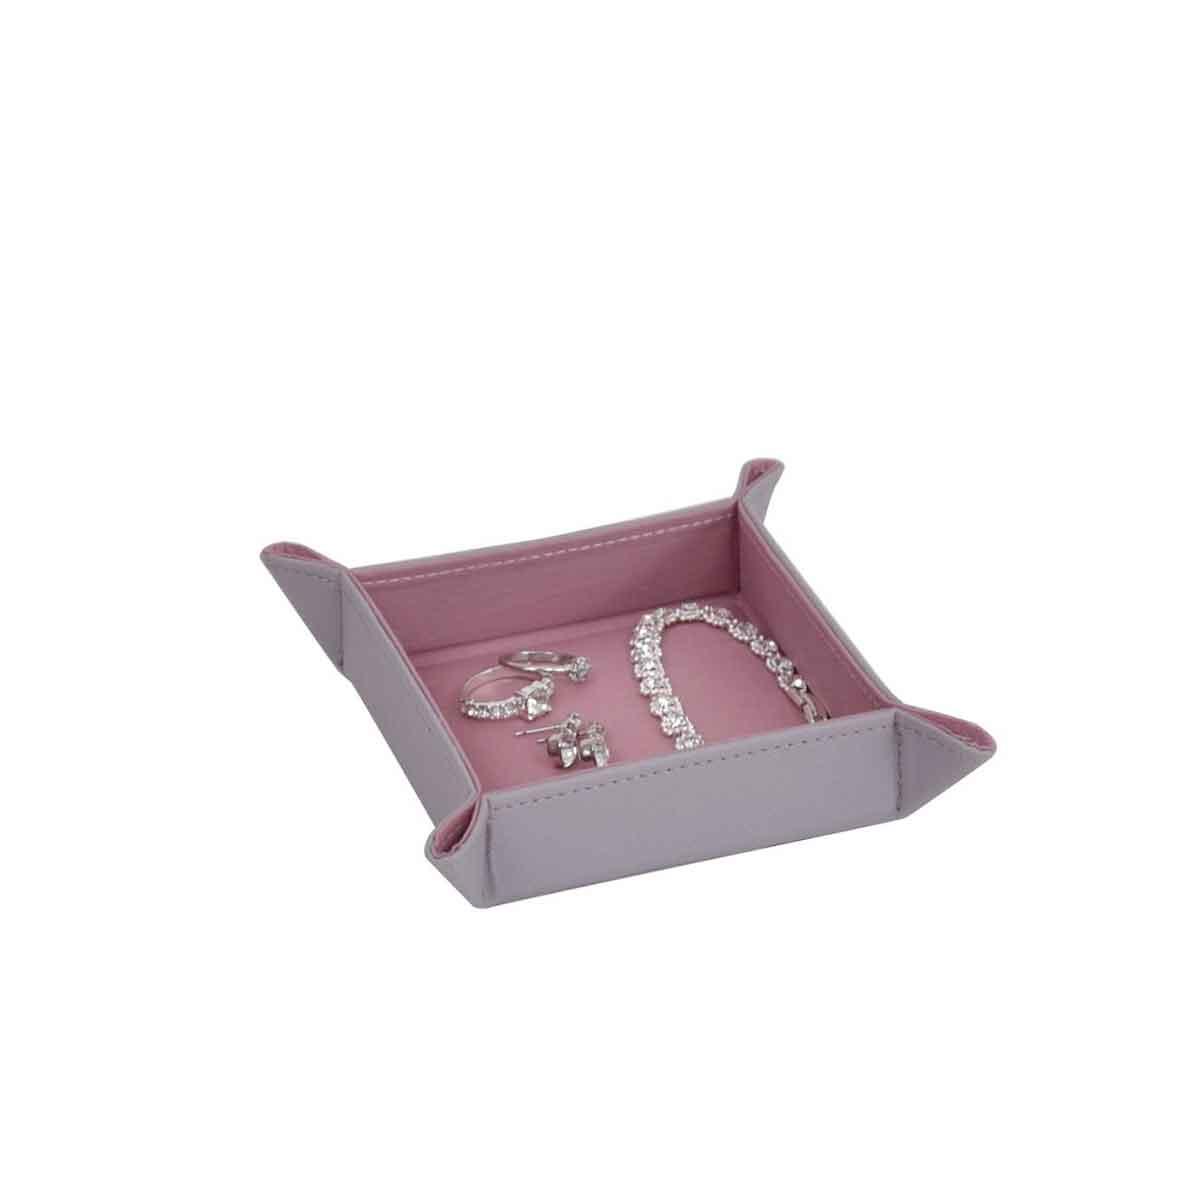 vide poche carré en velours rose et gris pour bijoux